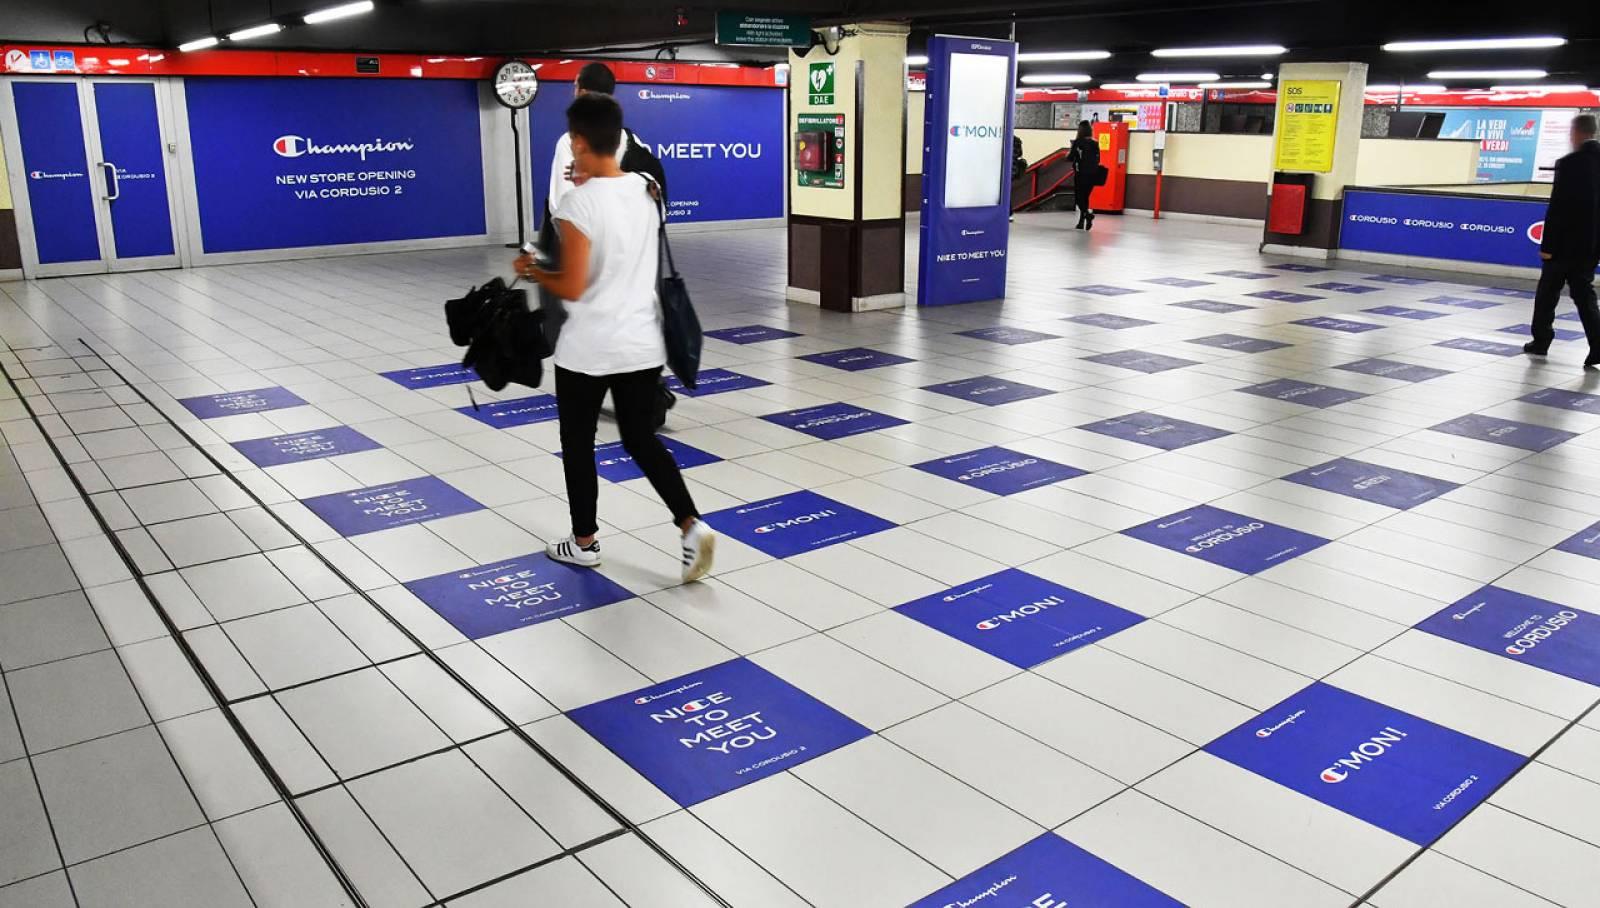 Pubblicità in metropolitana a Milano IGPDecaux Station Domination per Champion